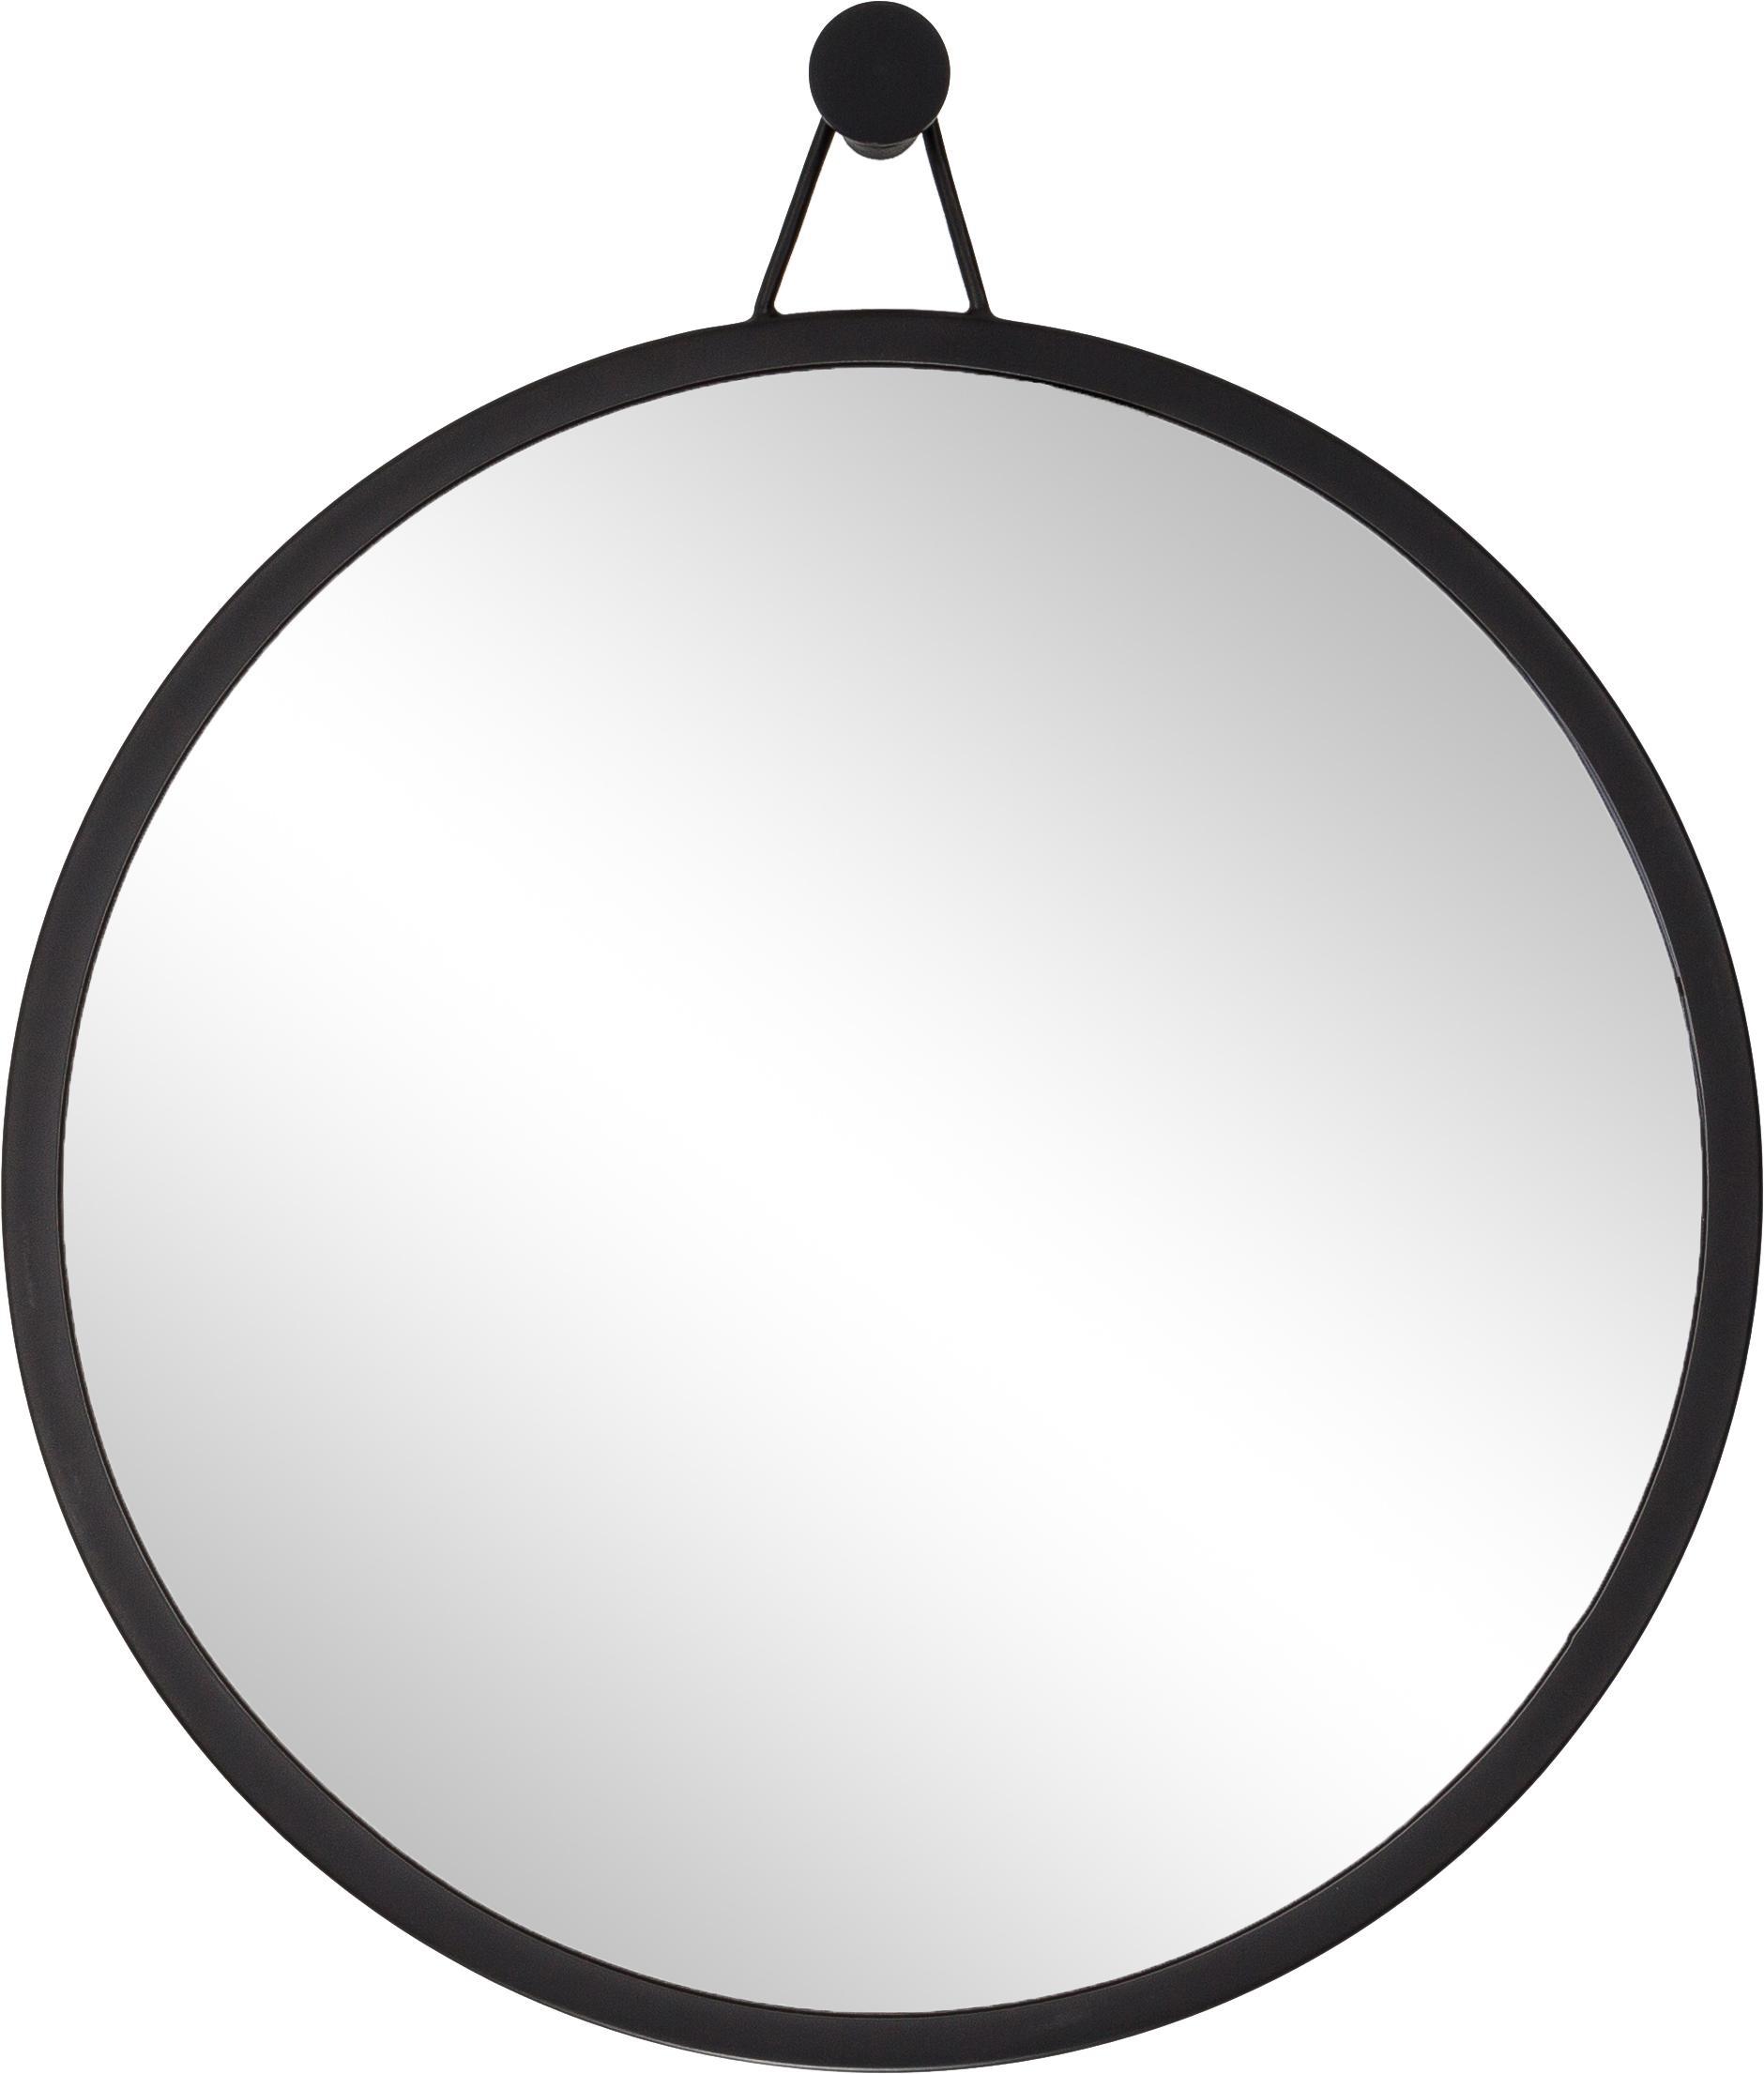 Ronde wandspiegel Lizzy met zwarte lijst, Frame: gepoedercoat ijzer, Zwart, Ø 60 cm